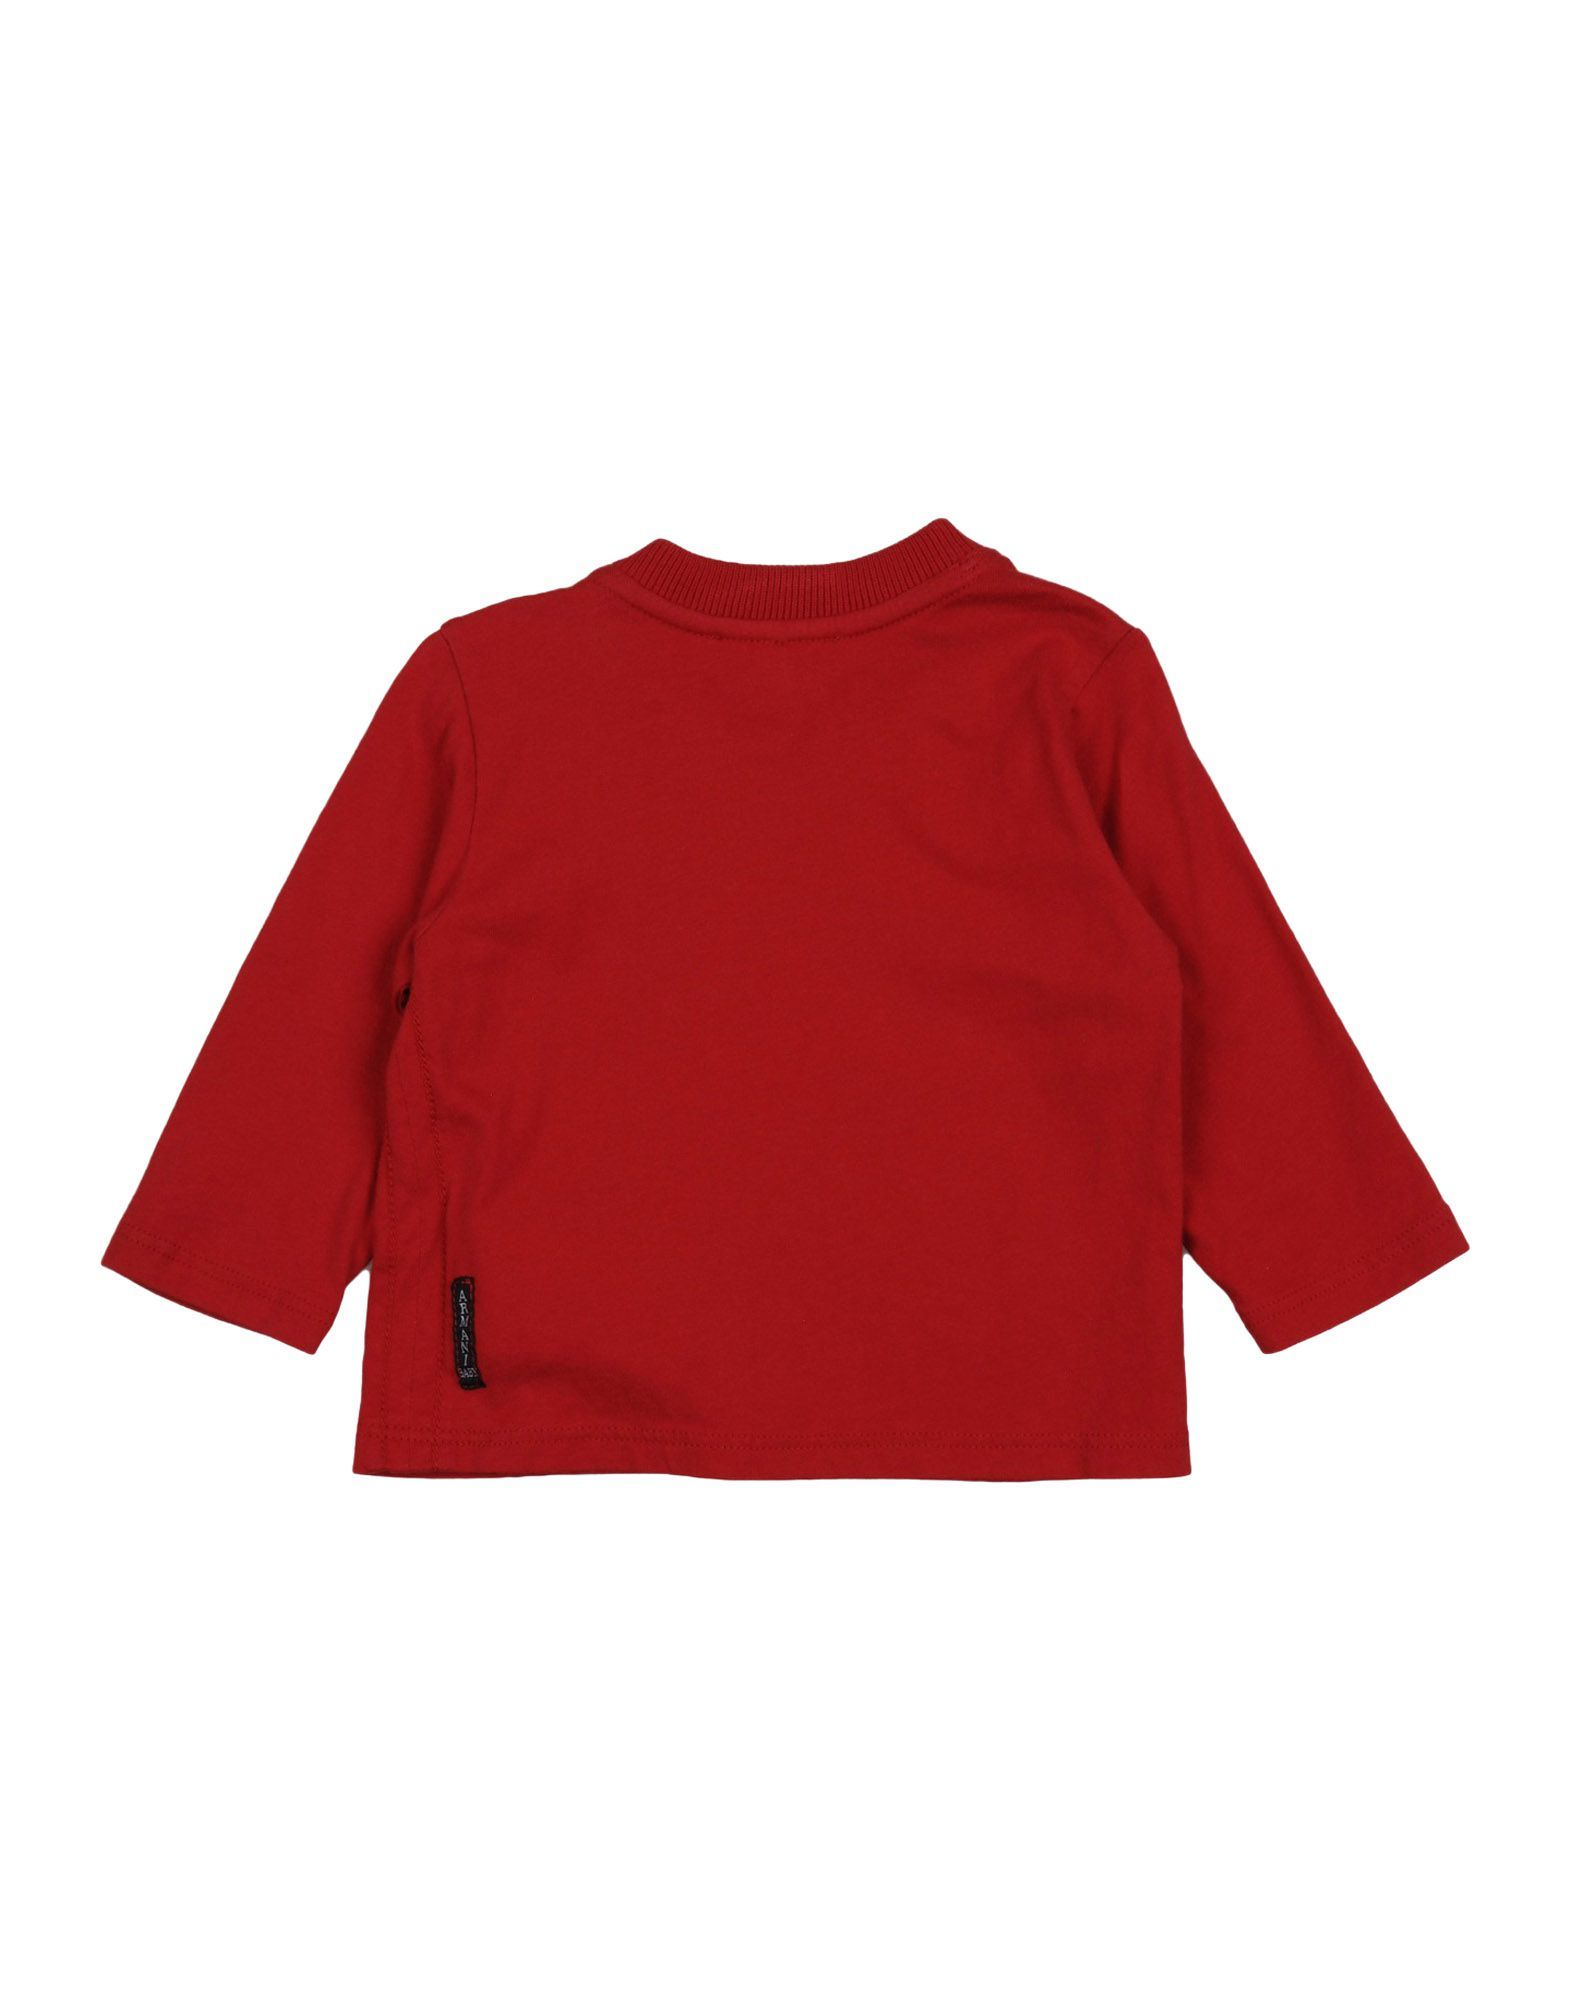 TOPWEAR Armani Junior Red Boy Cotton